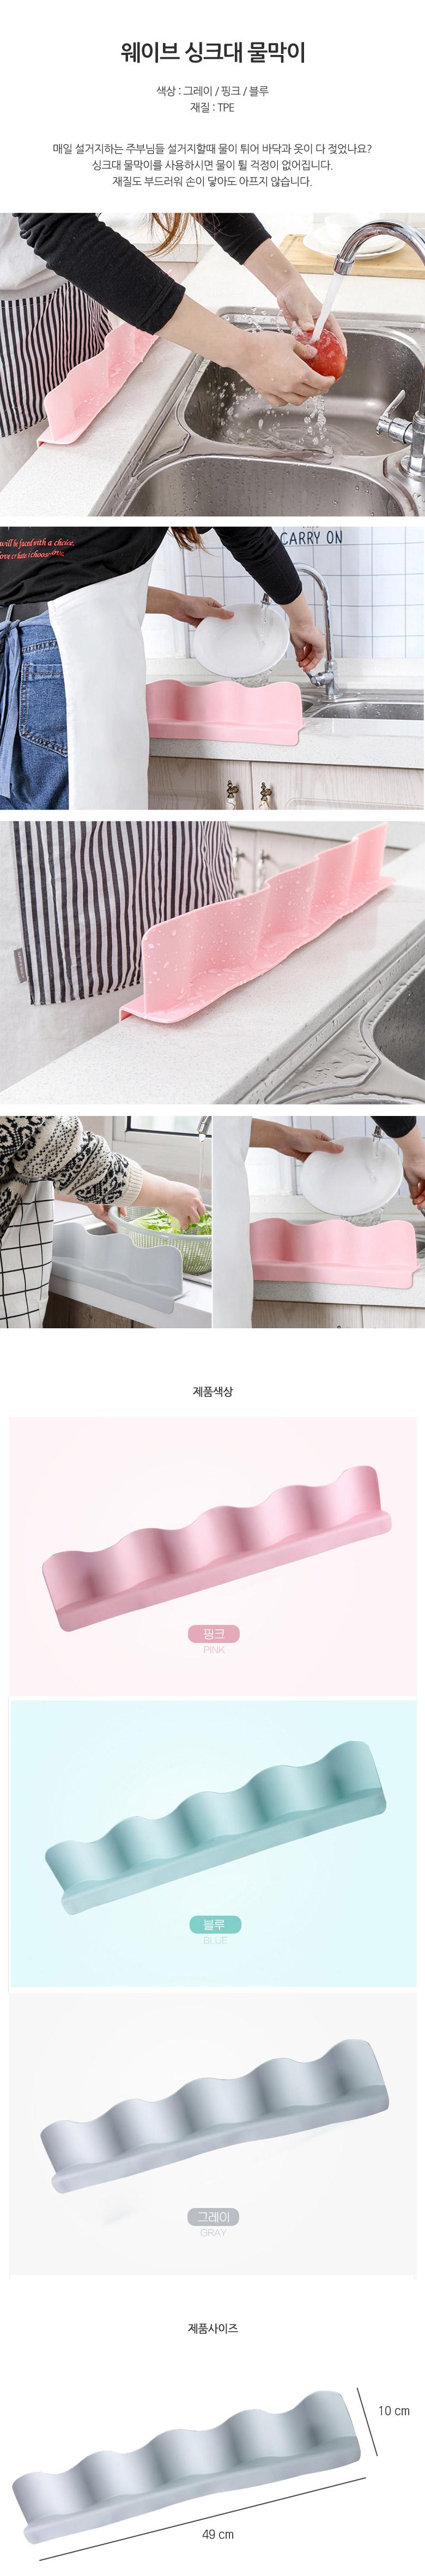 웨이브 싱크대 물막이 - 구디푸디, 6,500원, 주방소품, 싱크대용품